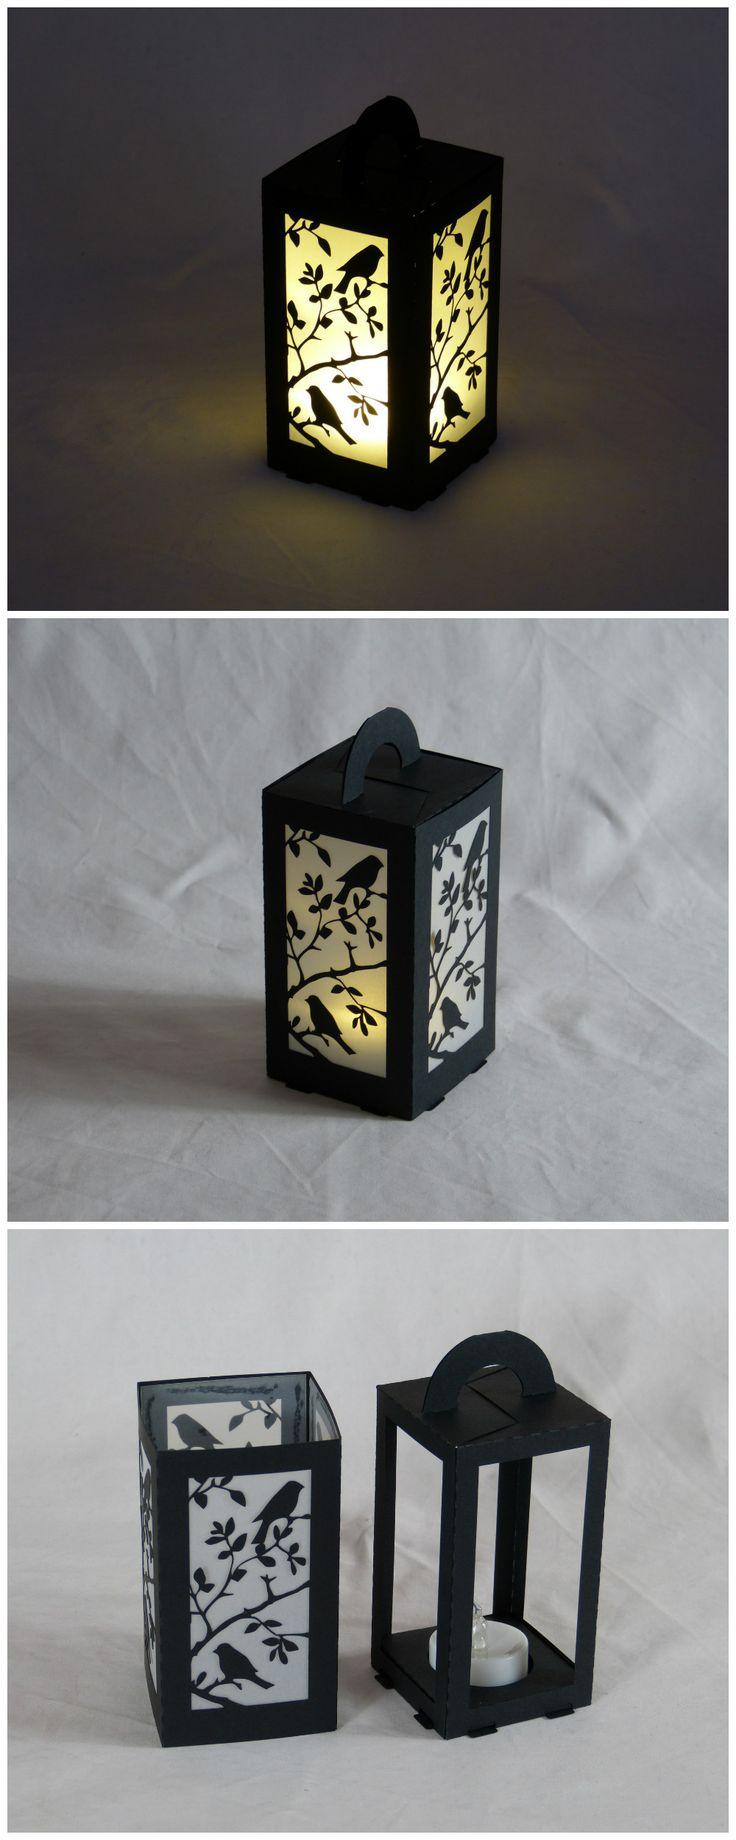 #lasercut paper lantern for LED tea light, 6x6x11cm.